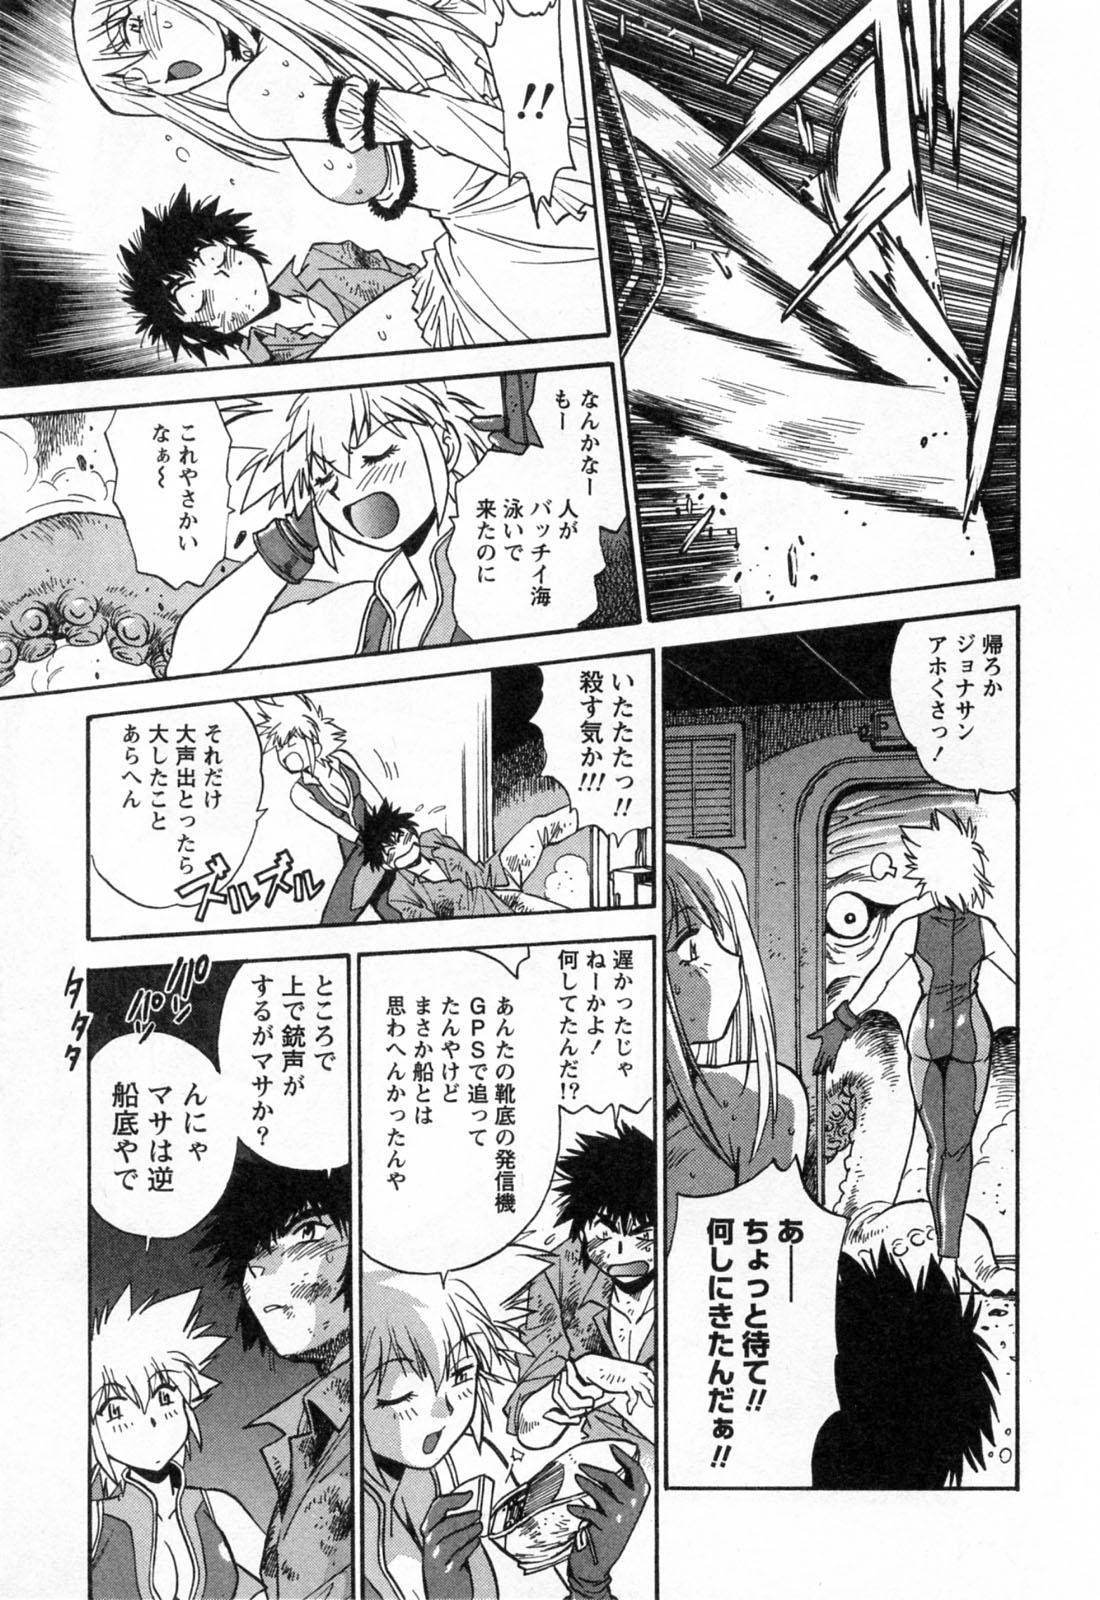 Makunouchi Deluxe 3 188